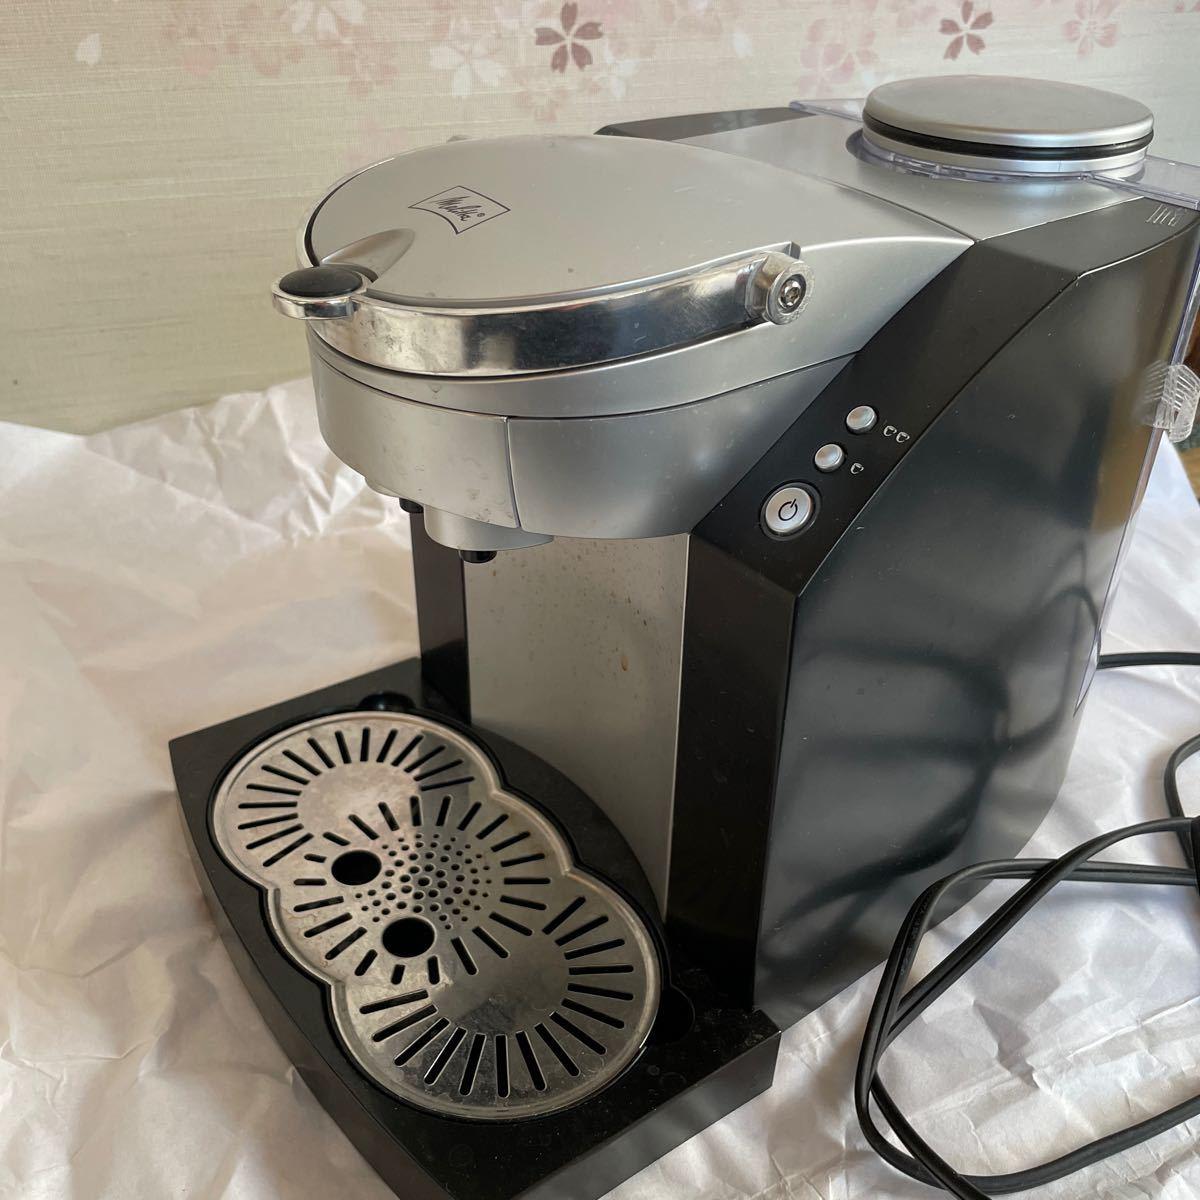 Rポッド60mmコーヒーポッドマシンMKM-112Bメリタ